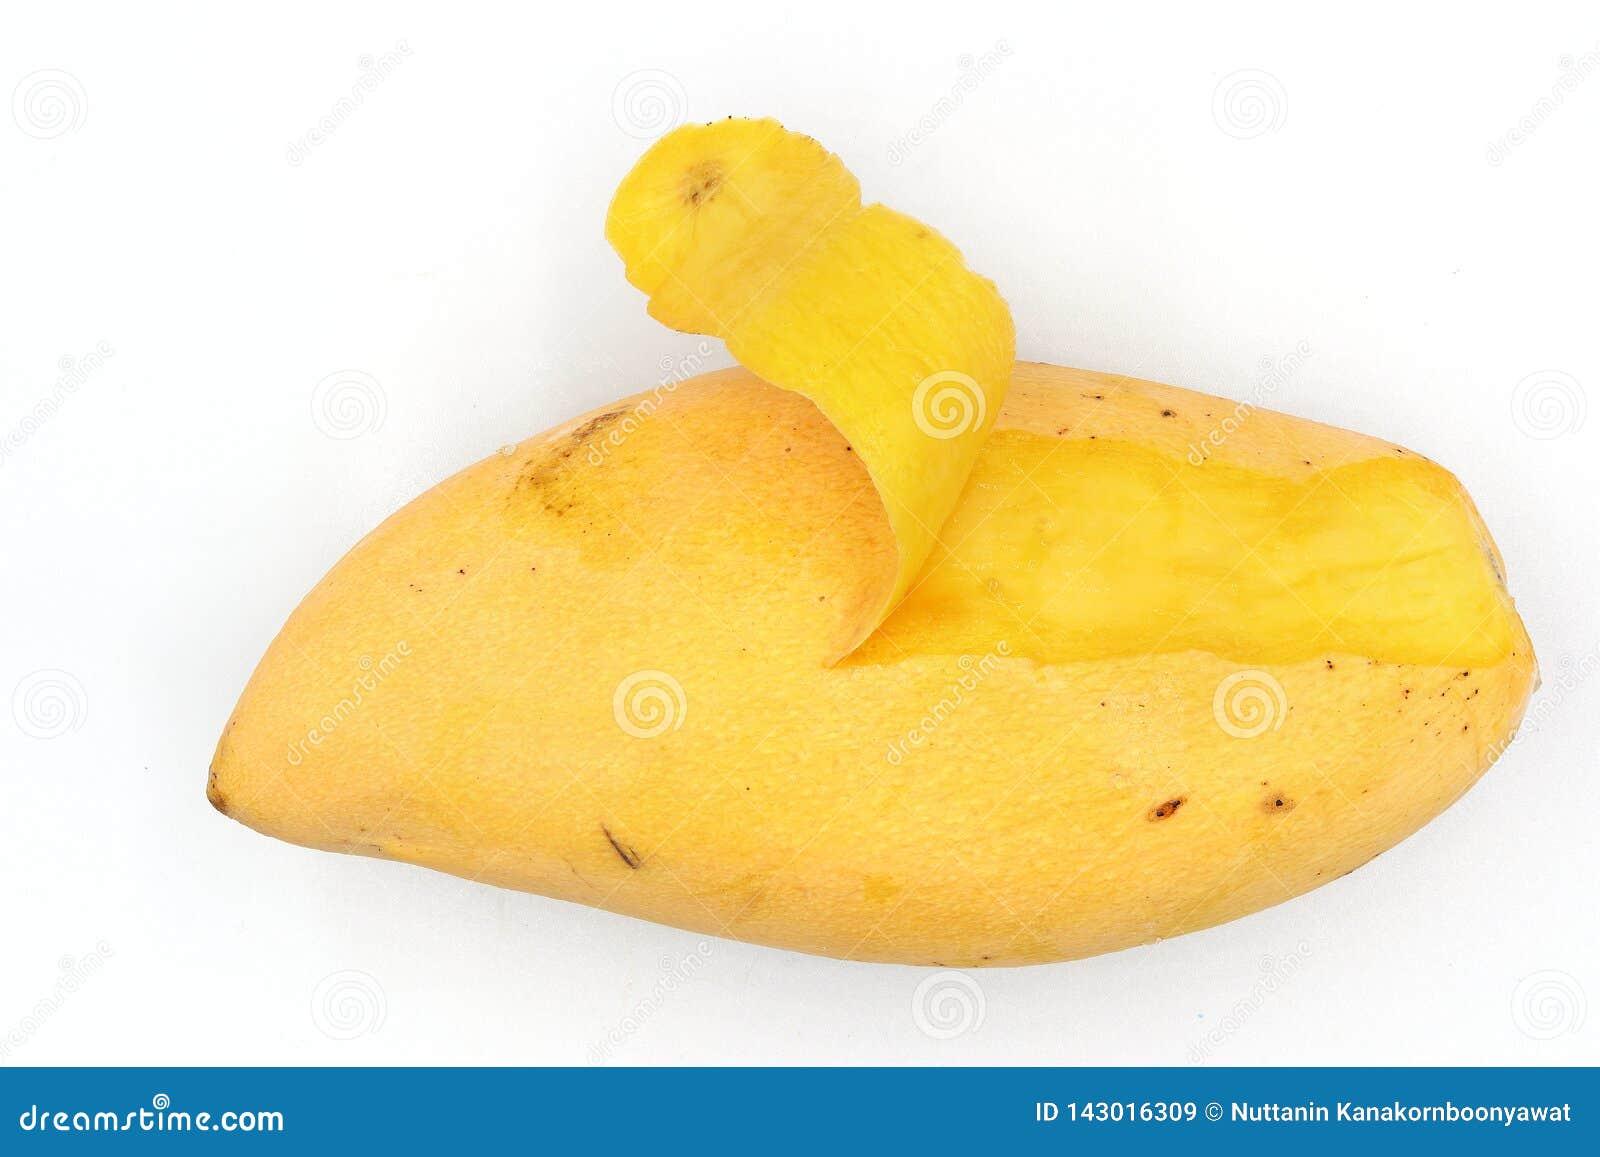 Mogna mango, den gula mango skalar isolerat på svart bakgrund